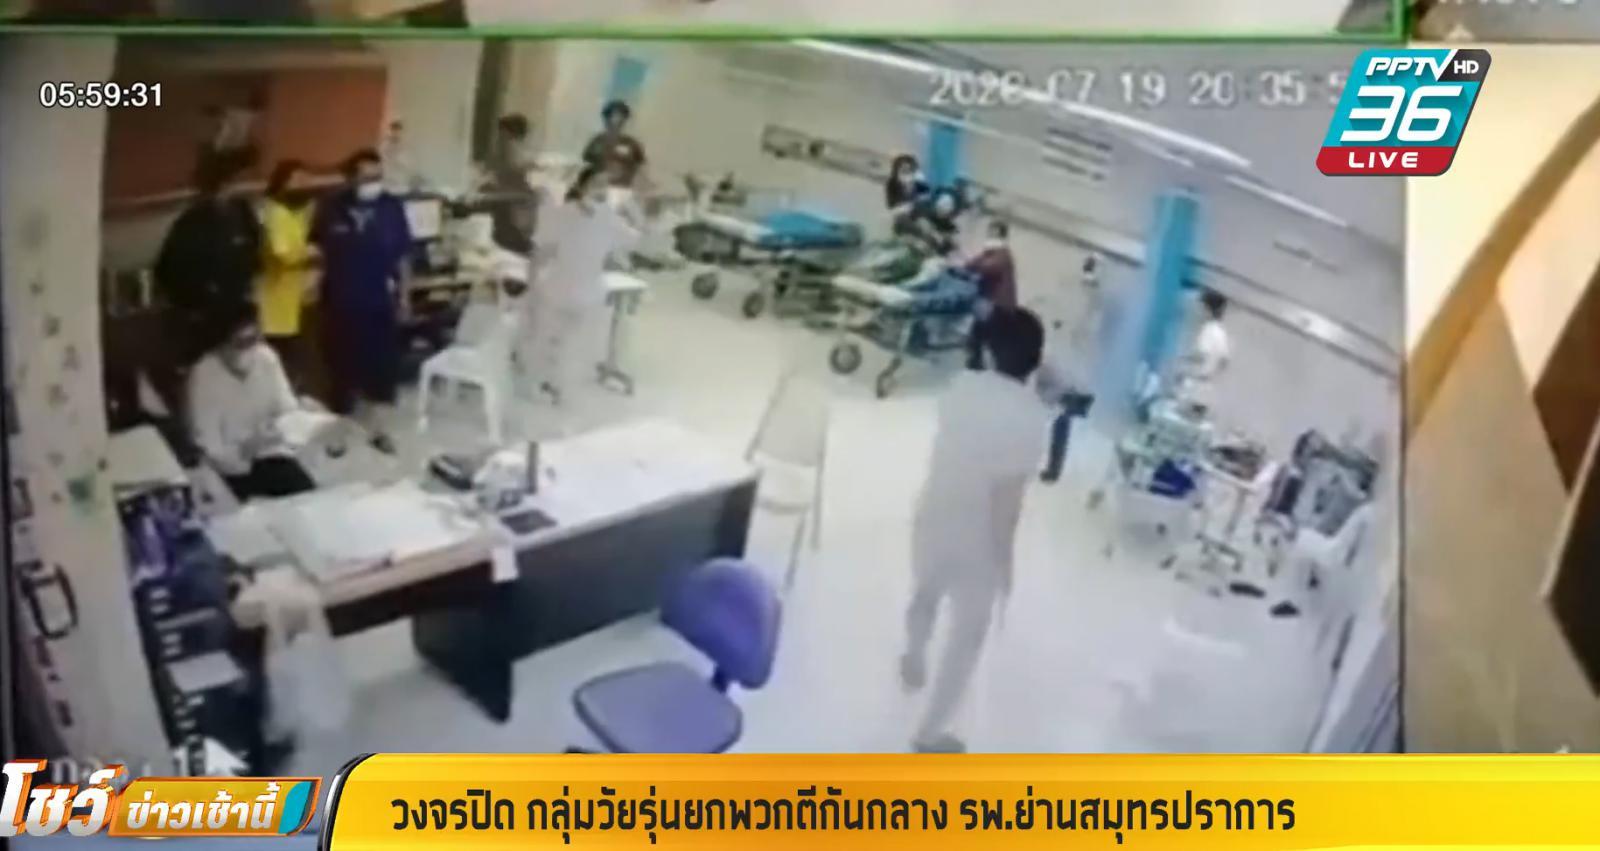 """วัยรุ่นยกพวกตีกันกลางโรงพยาบาล ทำร้าย """"หมอ-พยาบาล"""" โวยรักษาเพื่อนช้า"""